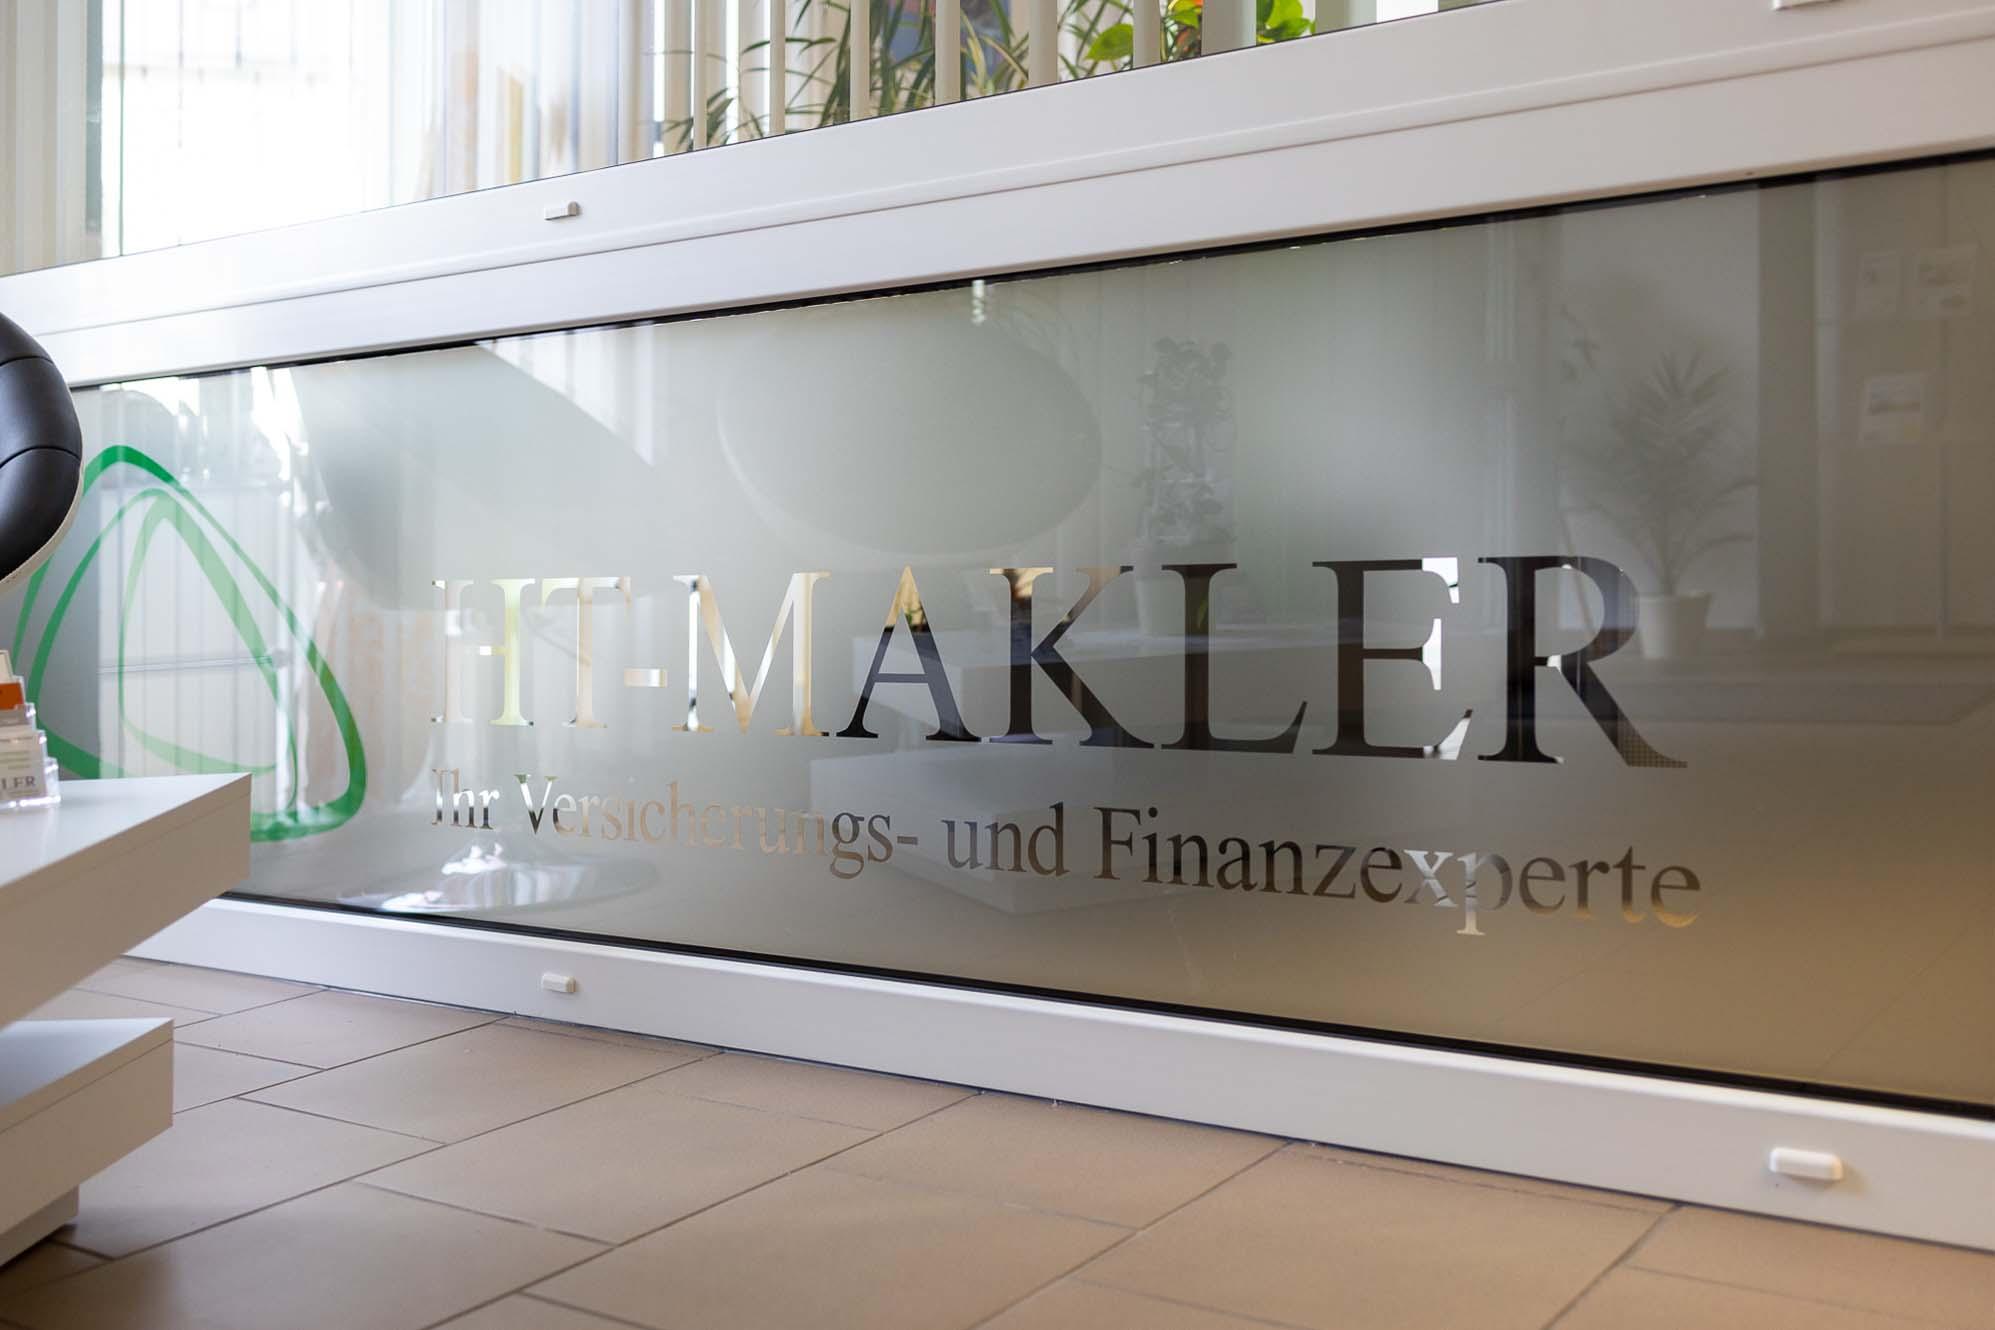 Konzept Beschriftung Büroräume HT Makler